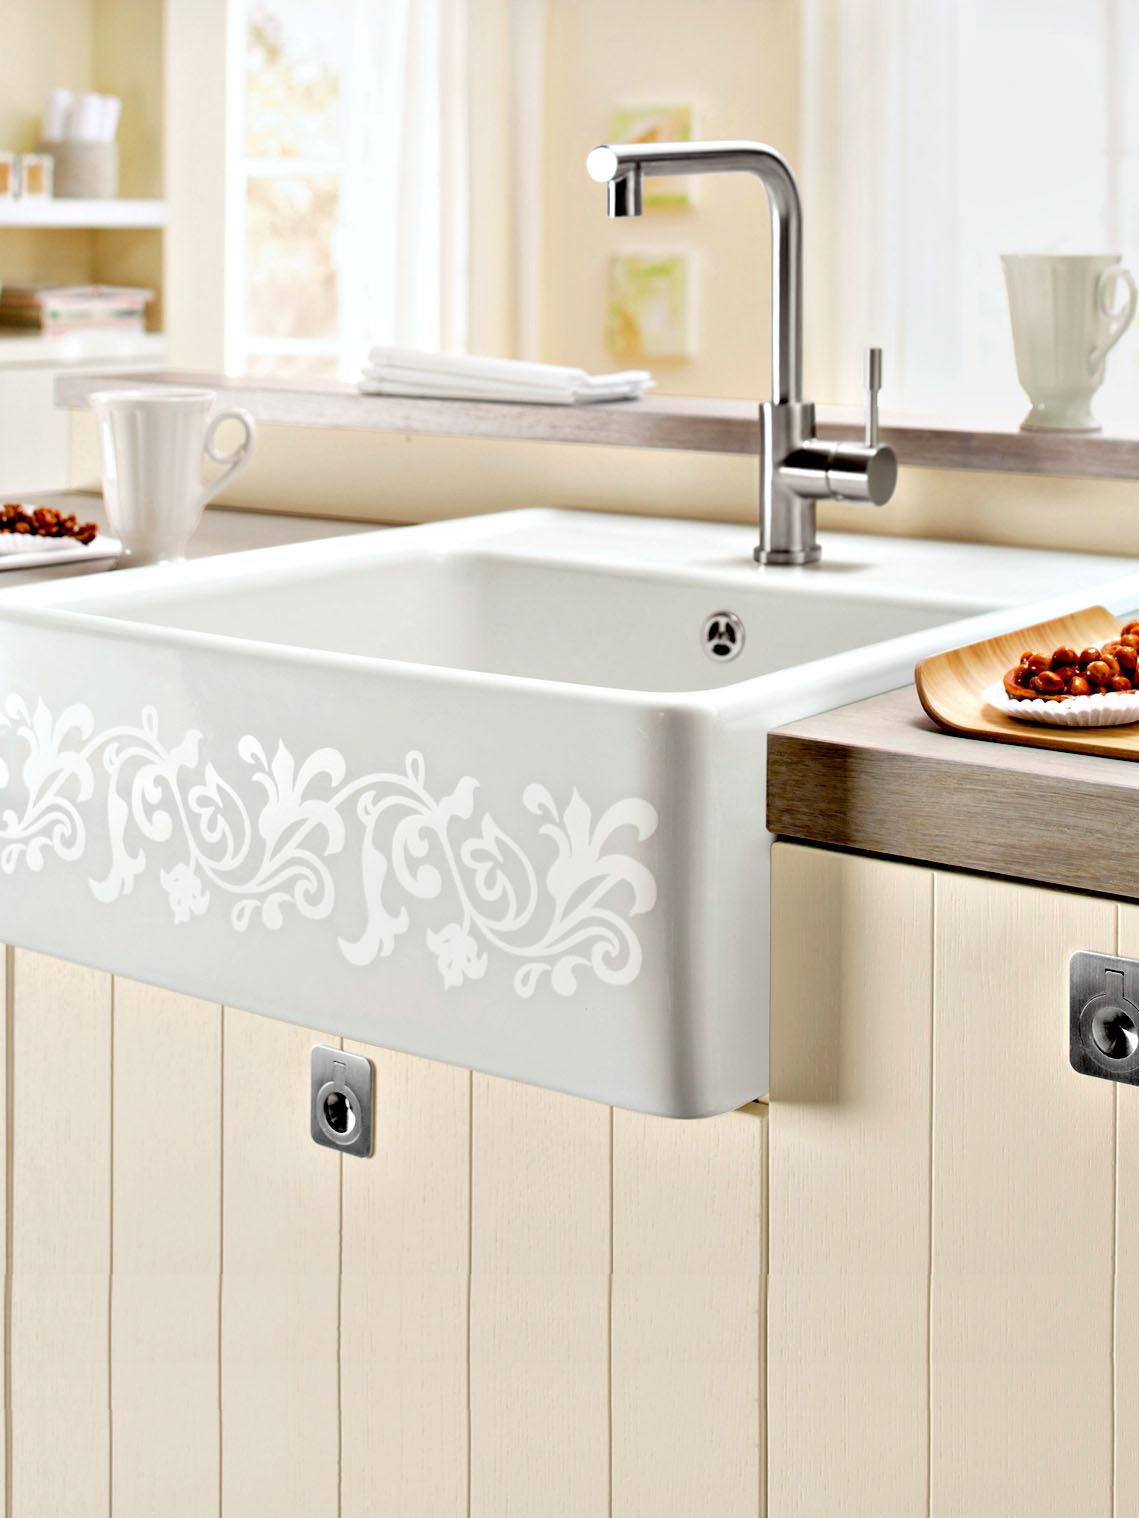 ergonomische sp len und innovatives wasserhahndesign. Black Bedroom Furniture Sets. Home Design Ideas